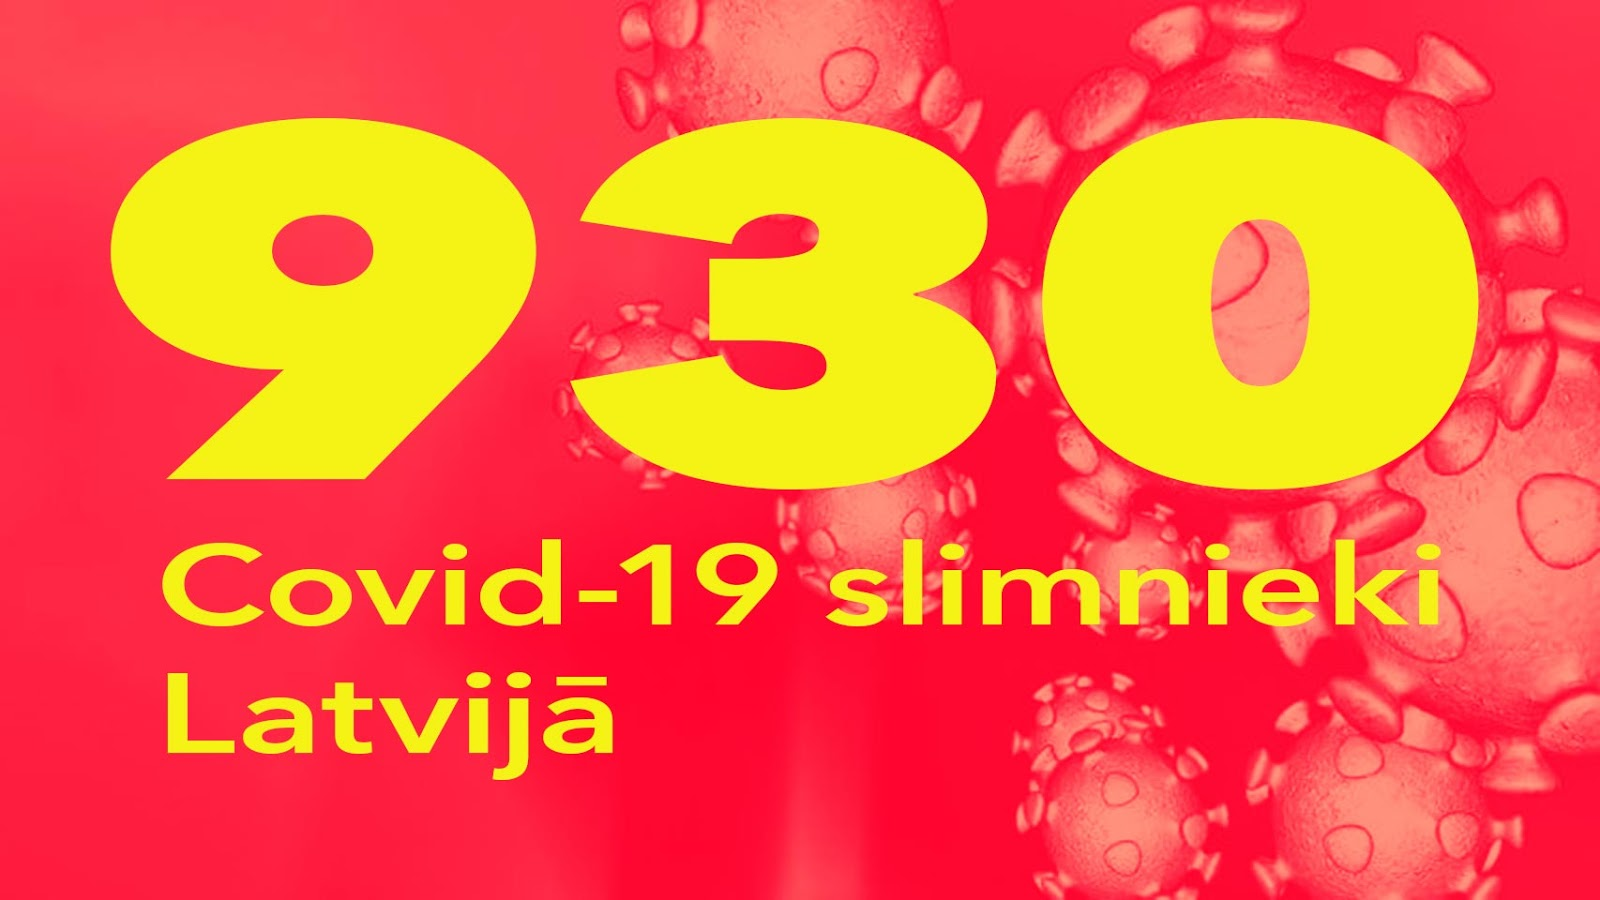 Koronavīrusa saslimušo skaits Latvijā 9.05.2020.